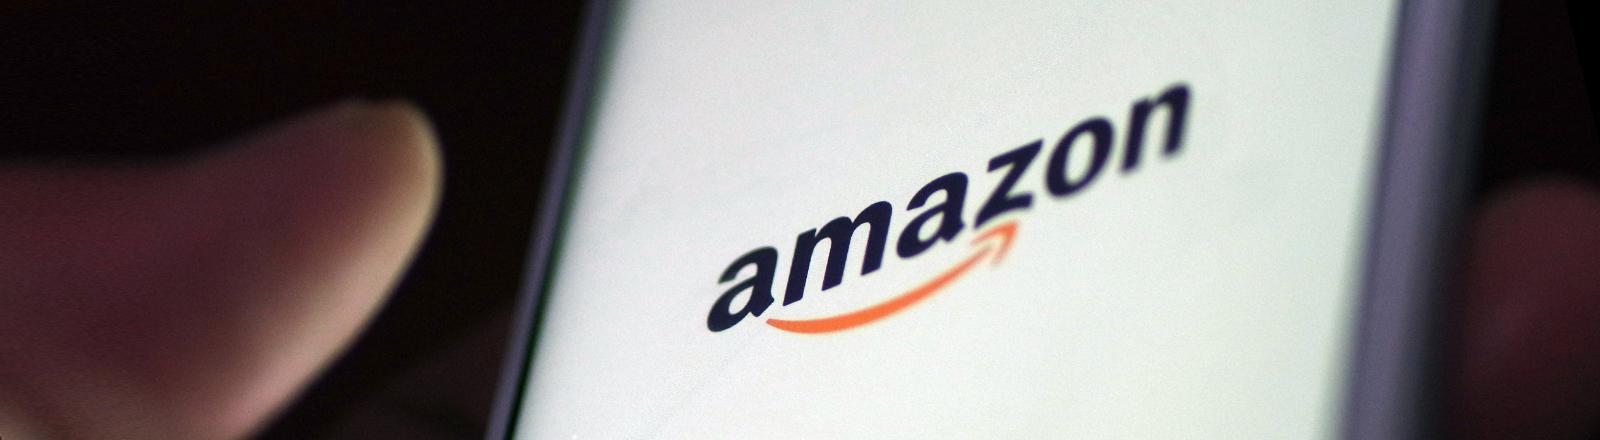 Smartphone mit Amazon-Schriftzug